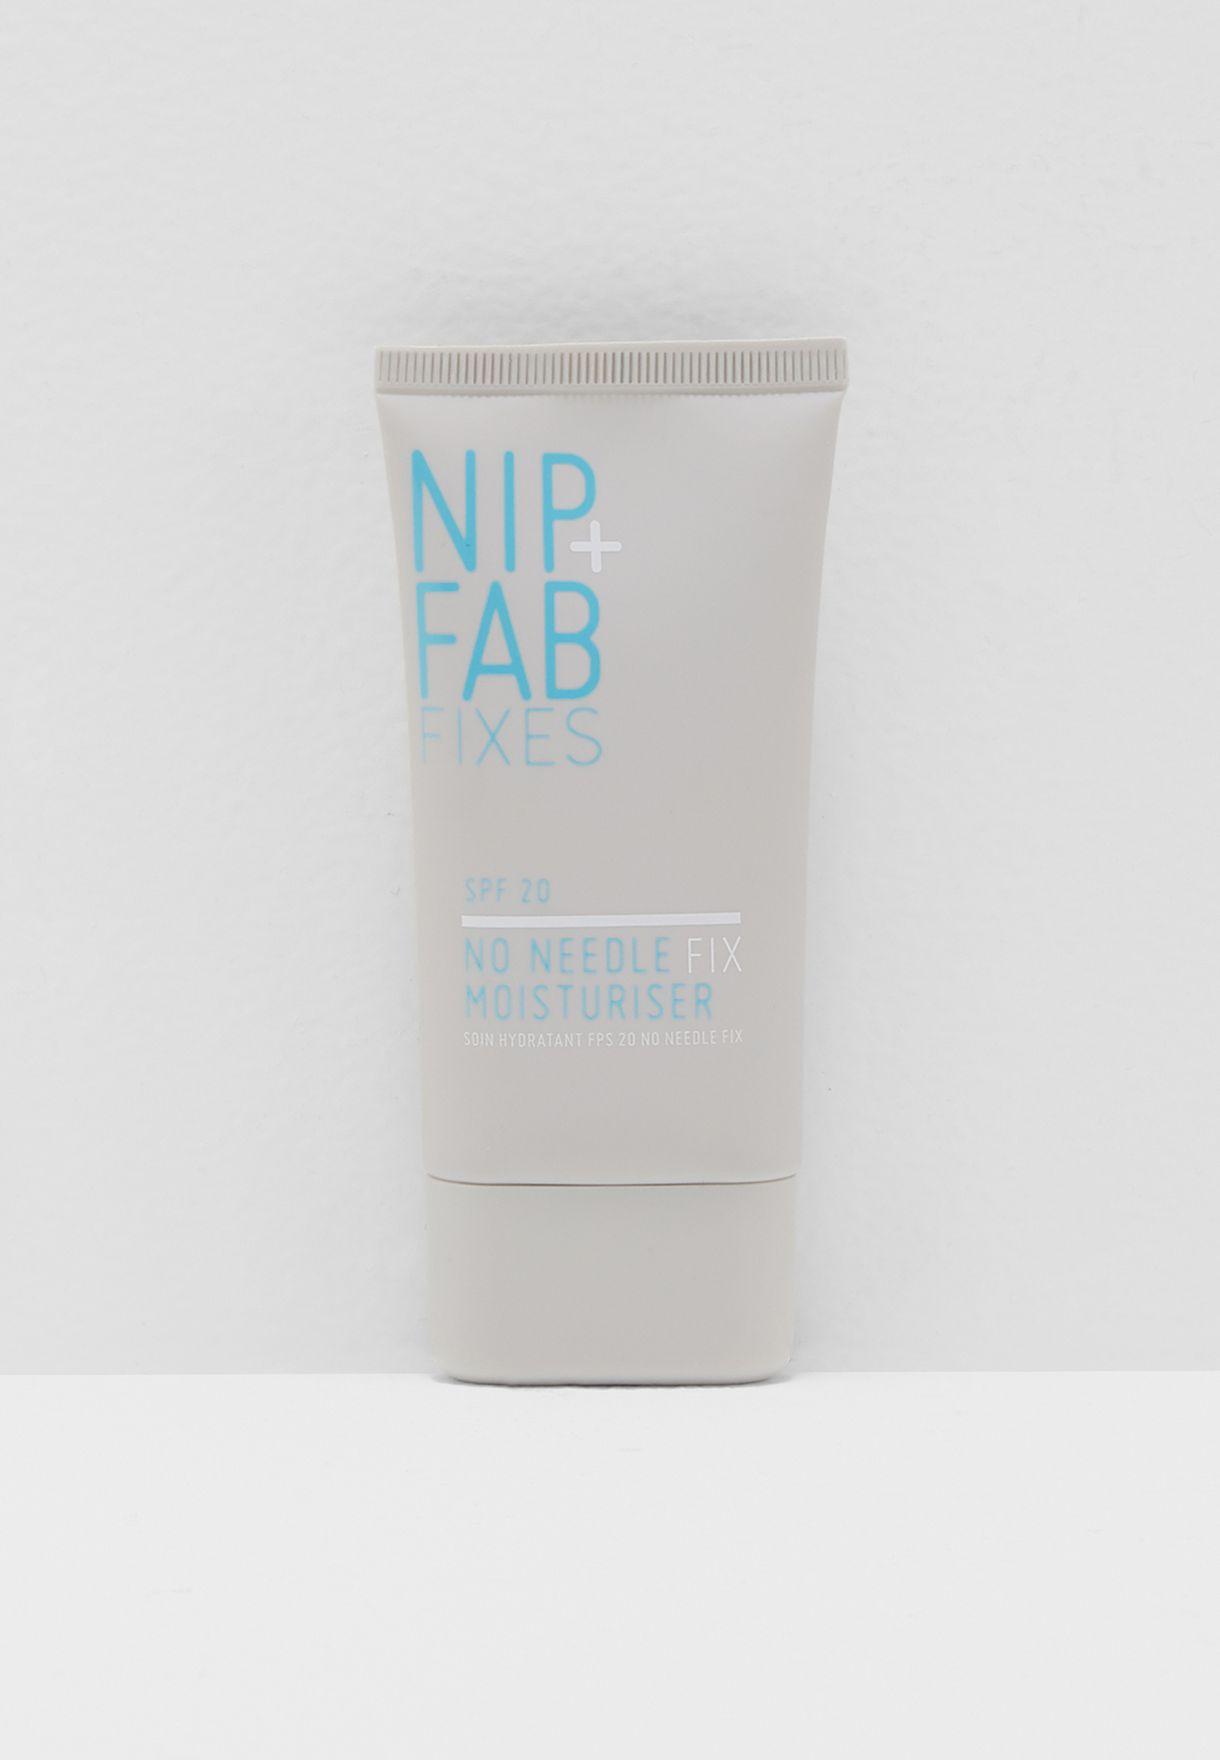 No Needle Fix Moisturiser SPF 20